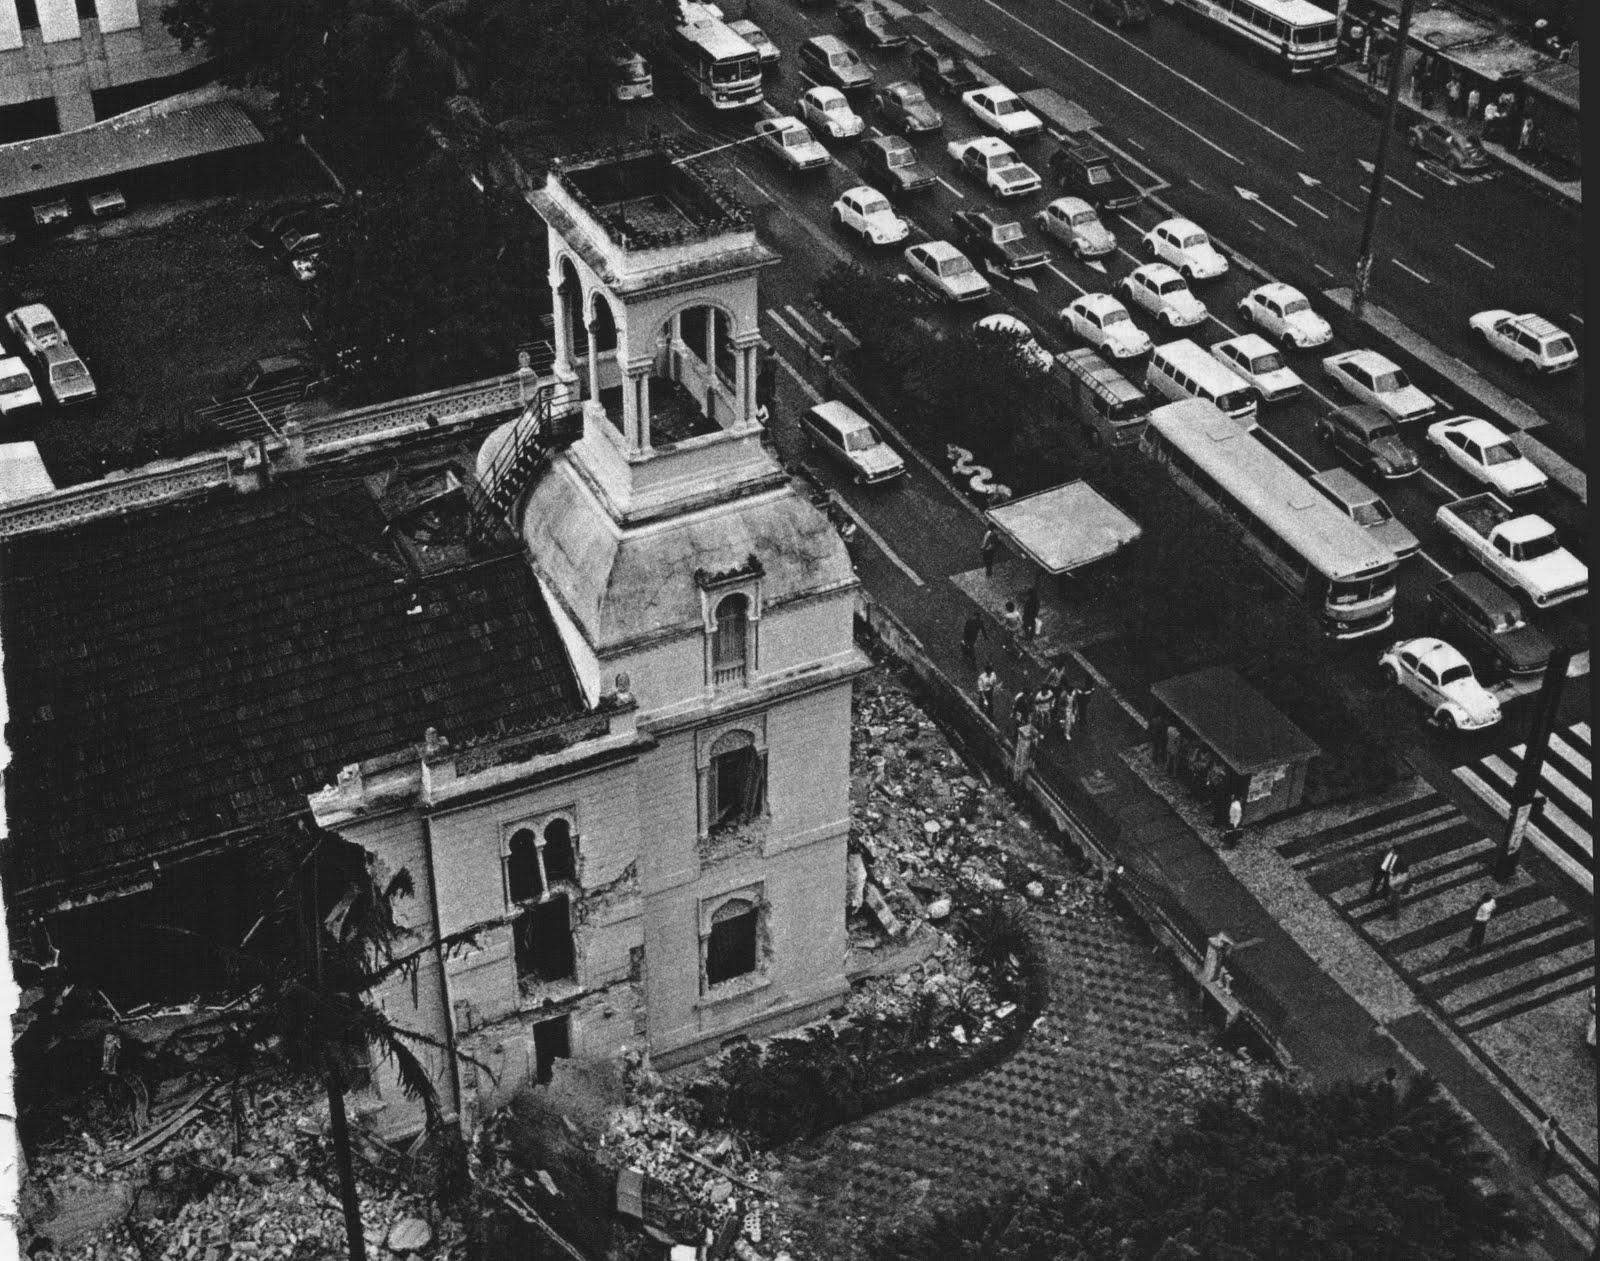 Casar%25C3%25A3o - Série Avenida Paulista: em frente à prainha - Schaumann, Andraus, Lotaif e Paulista 647